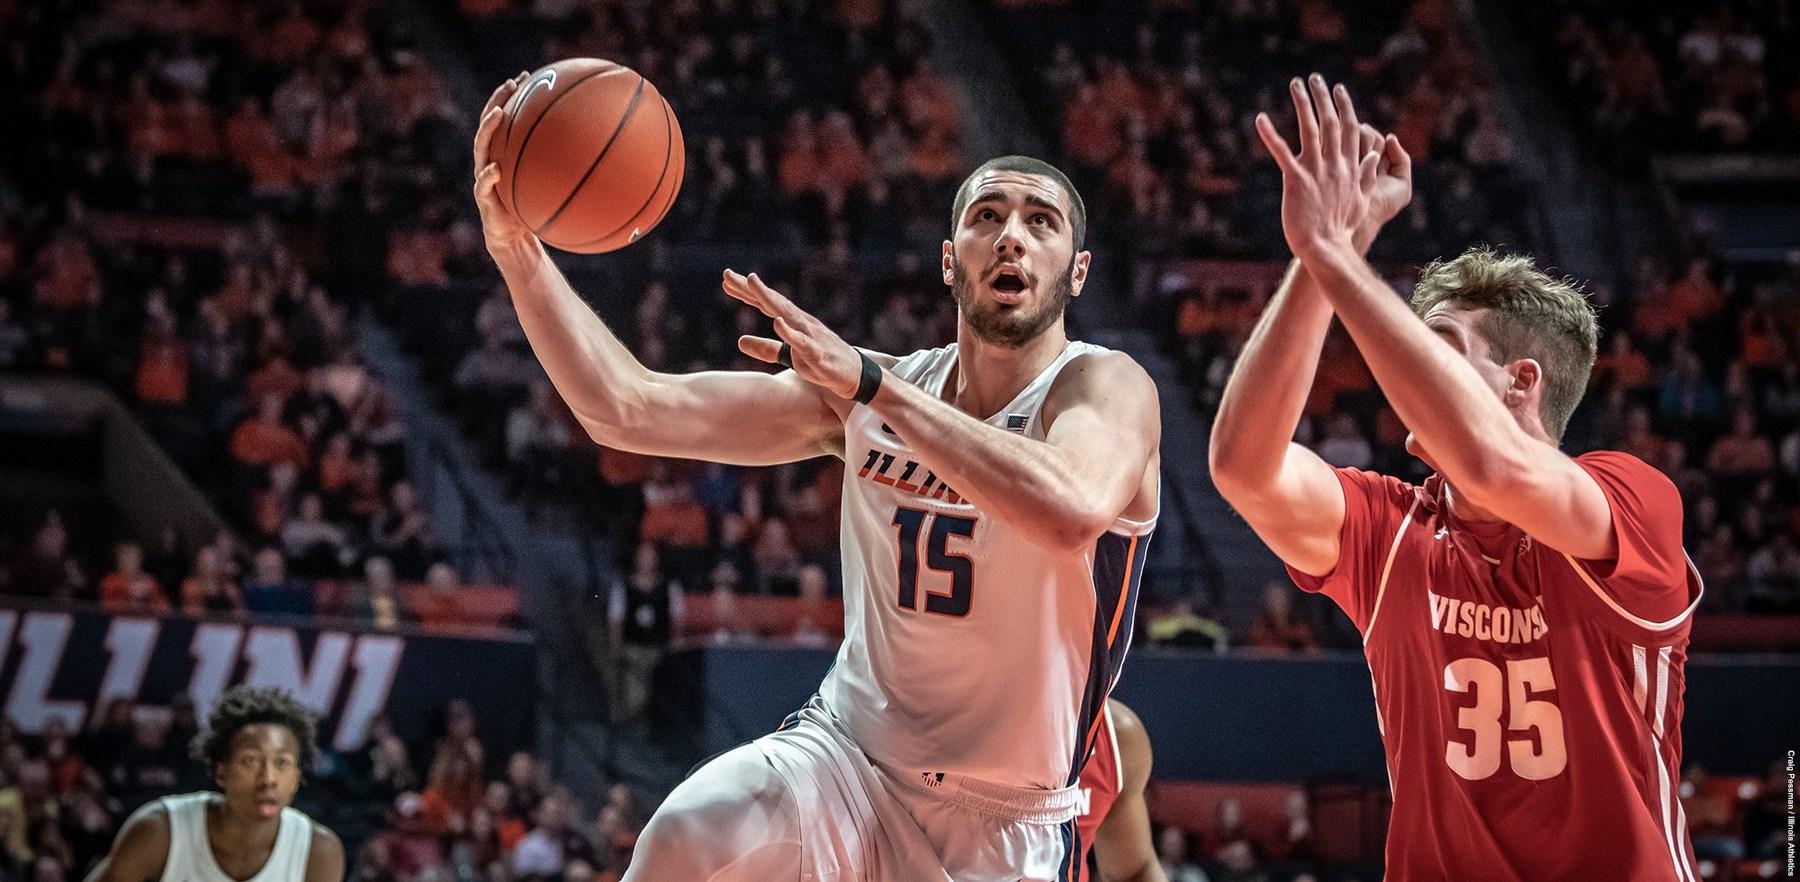 Giorgi Bezhanishvili shoots a lay up against a Wisconsin defender